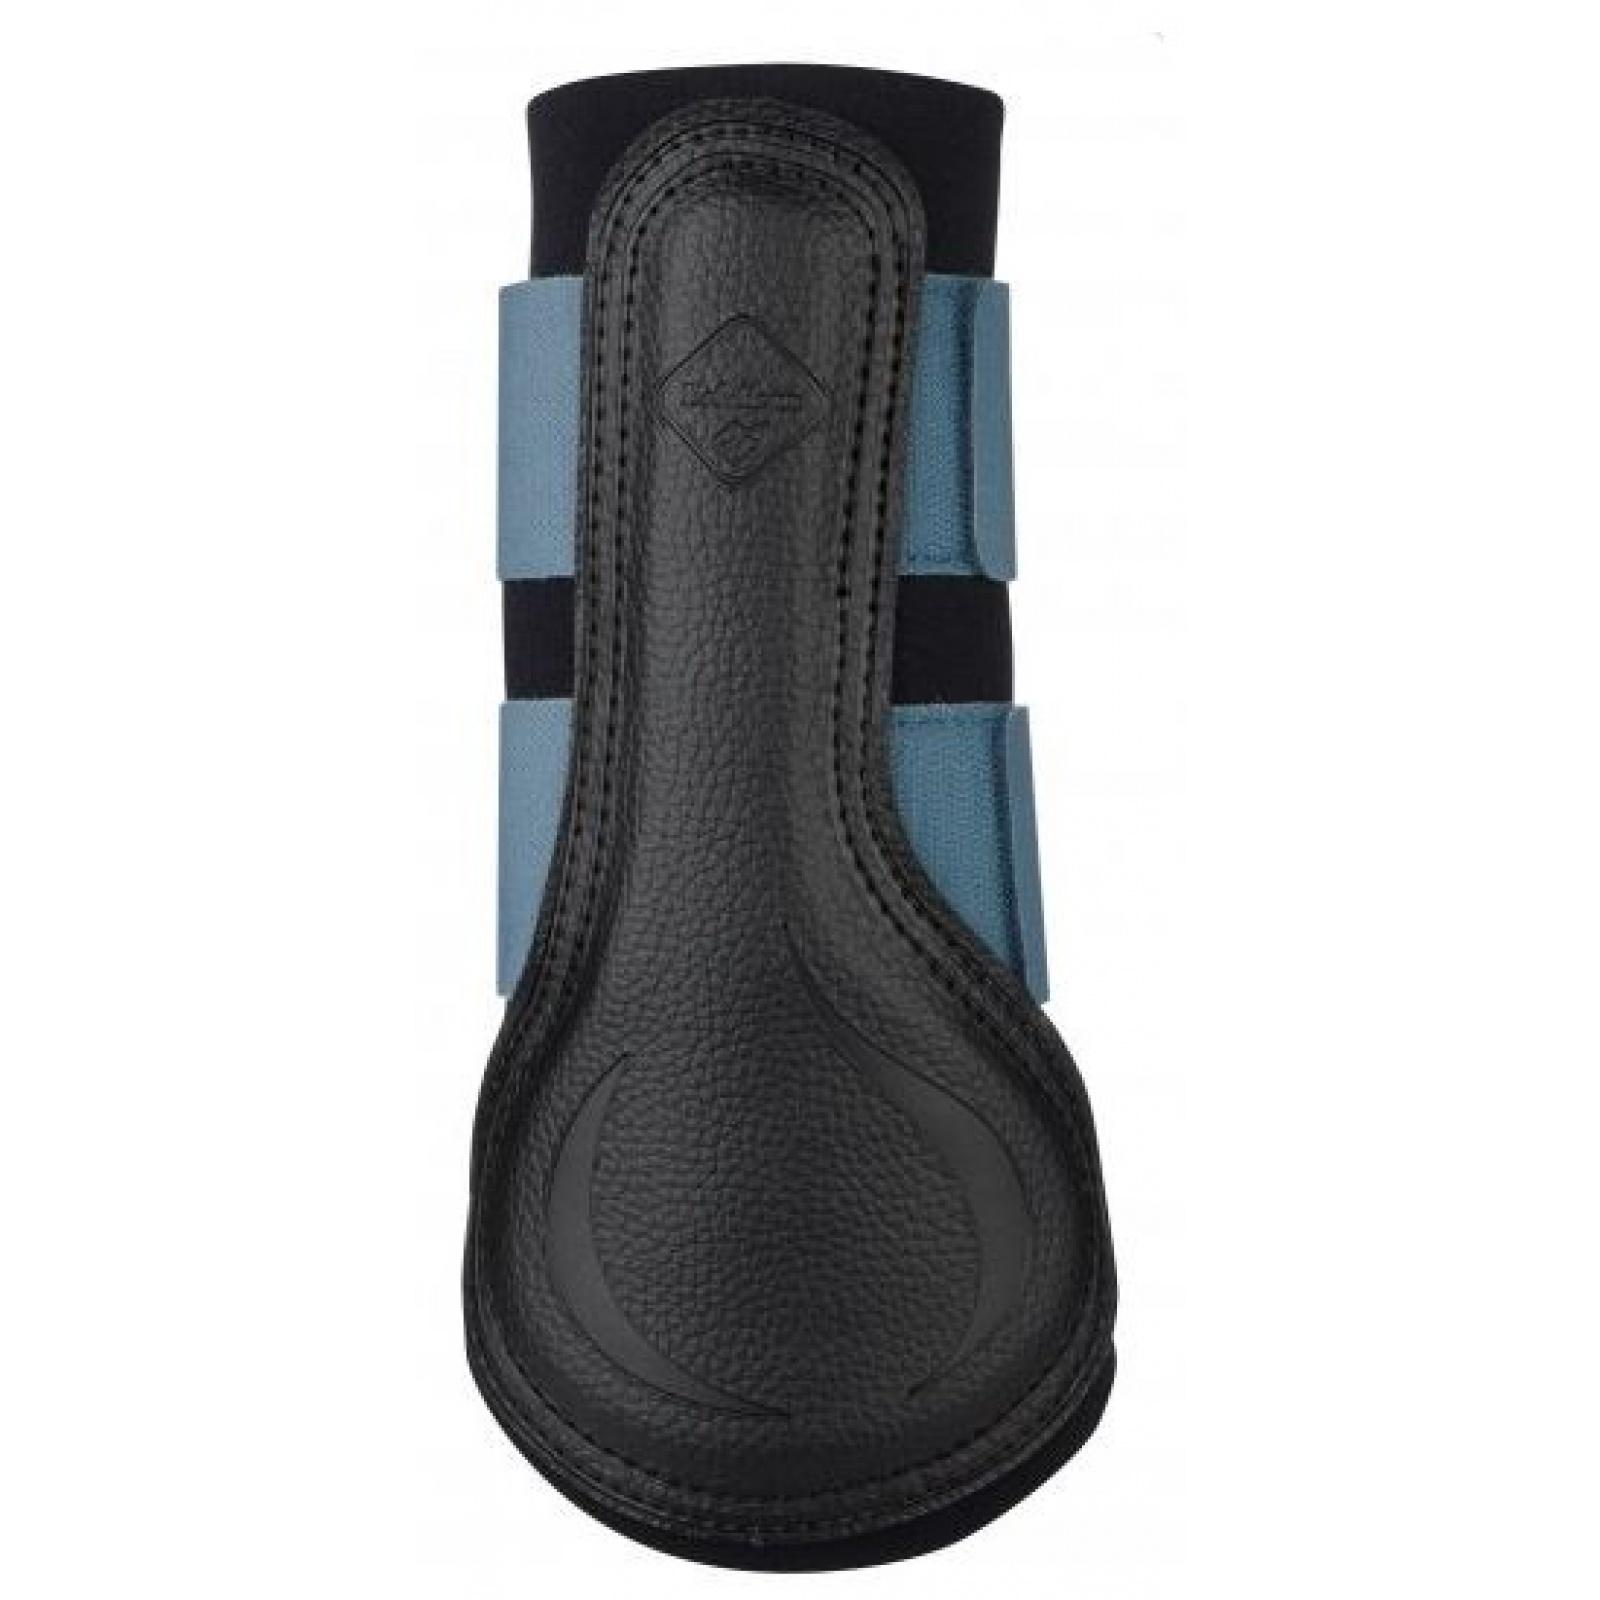 LEMIEUX-PROSPORT-Grafter-Brossage-Bottes-Leger-Protection miniature 28